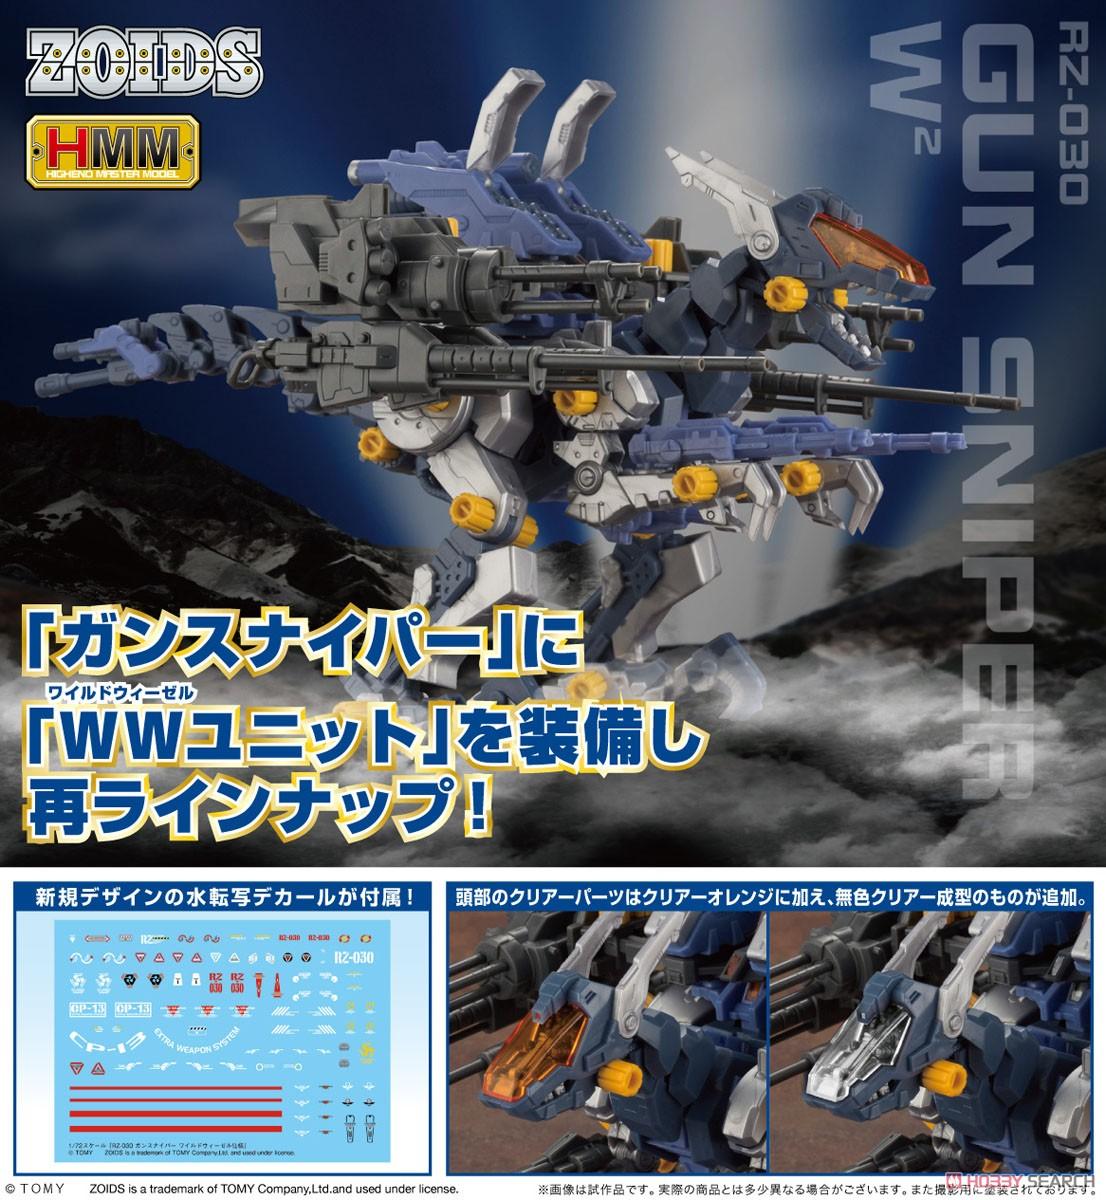 HMM『RZ-030 ガンスナイパー ワイルドウィーゼル仕様』ゾイド 1/72 プラモデル-015